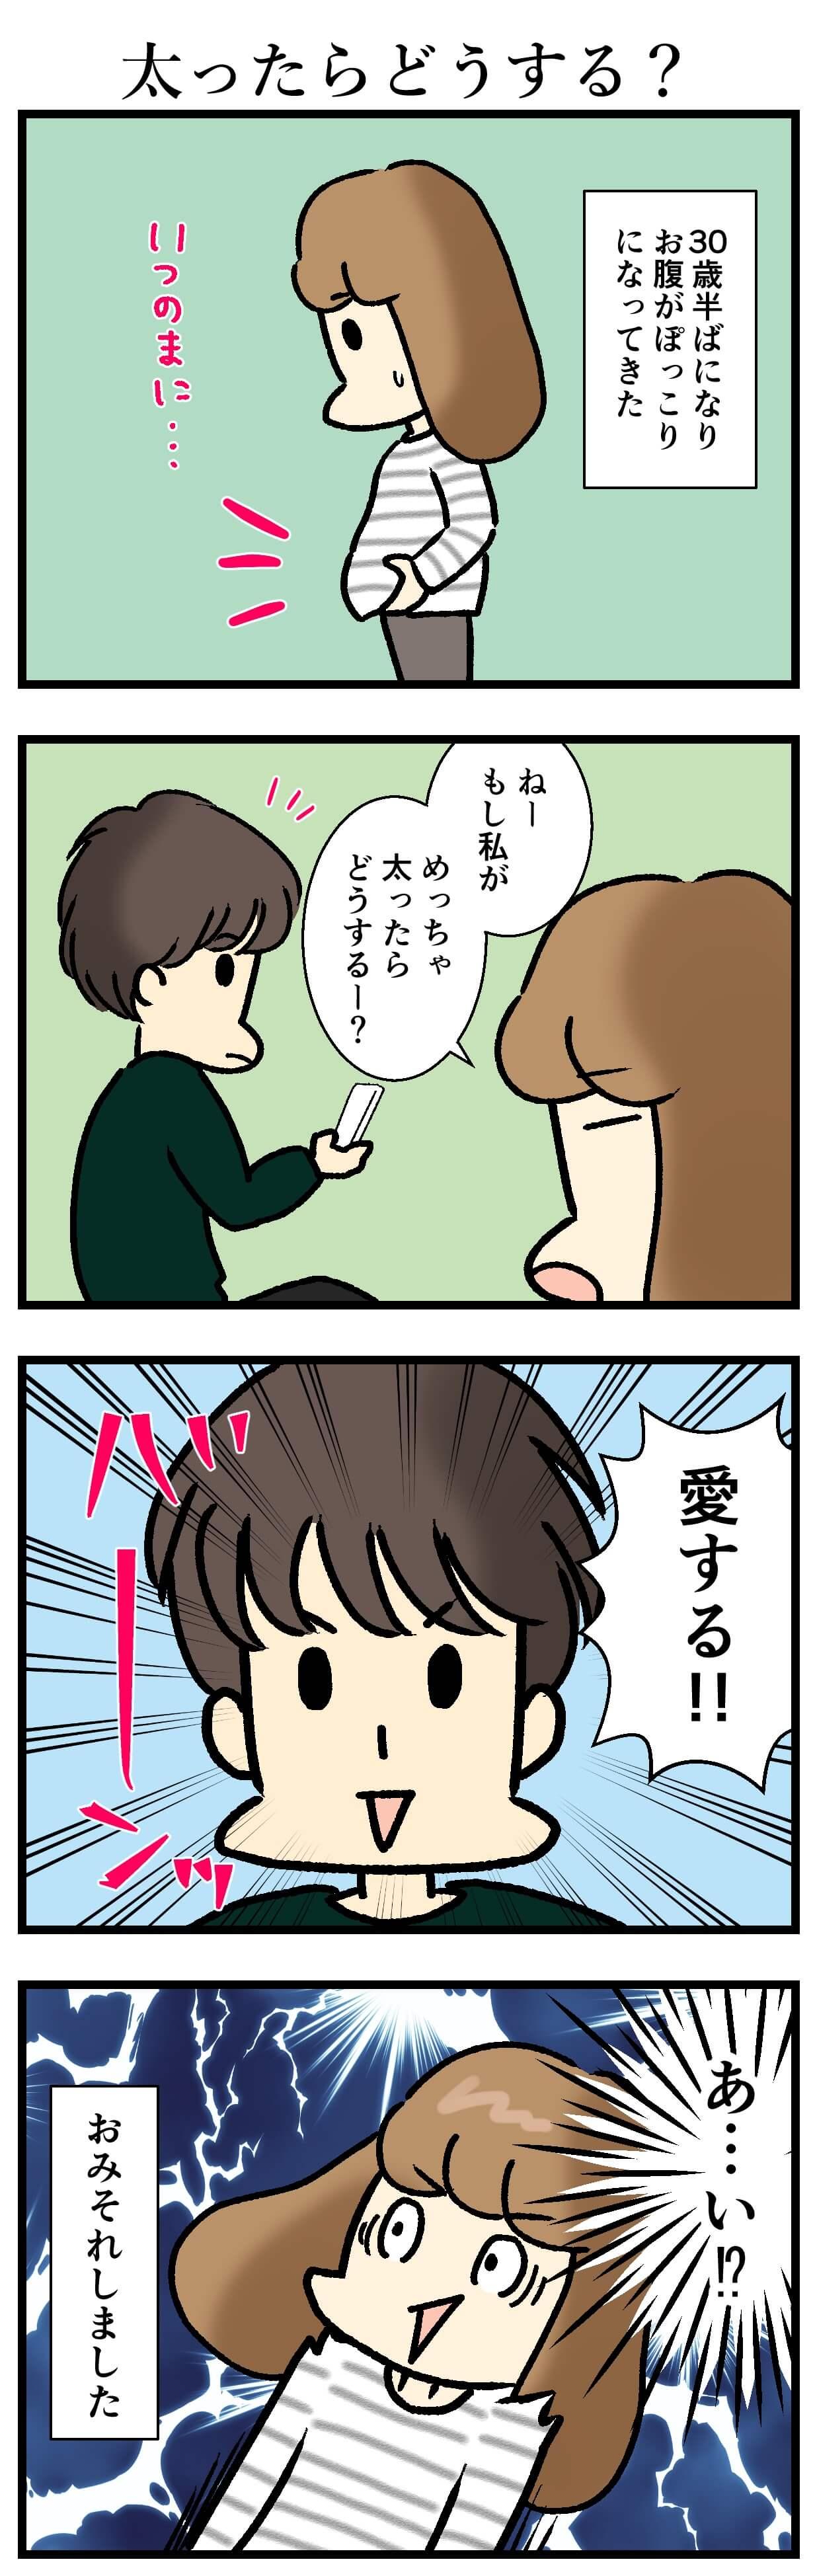 【エッセイ漫画】アラサー主婦くま子のふがいない日常(103)